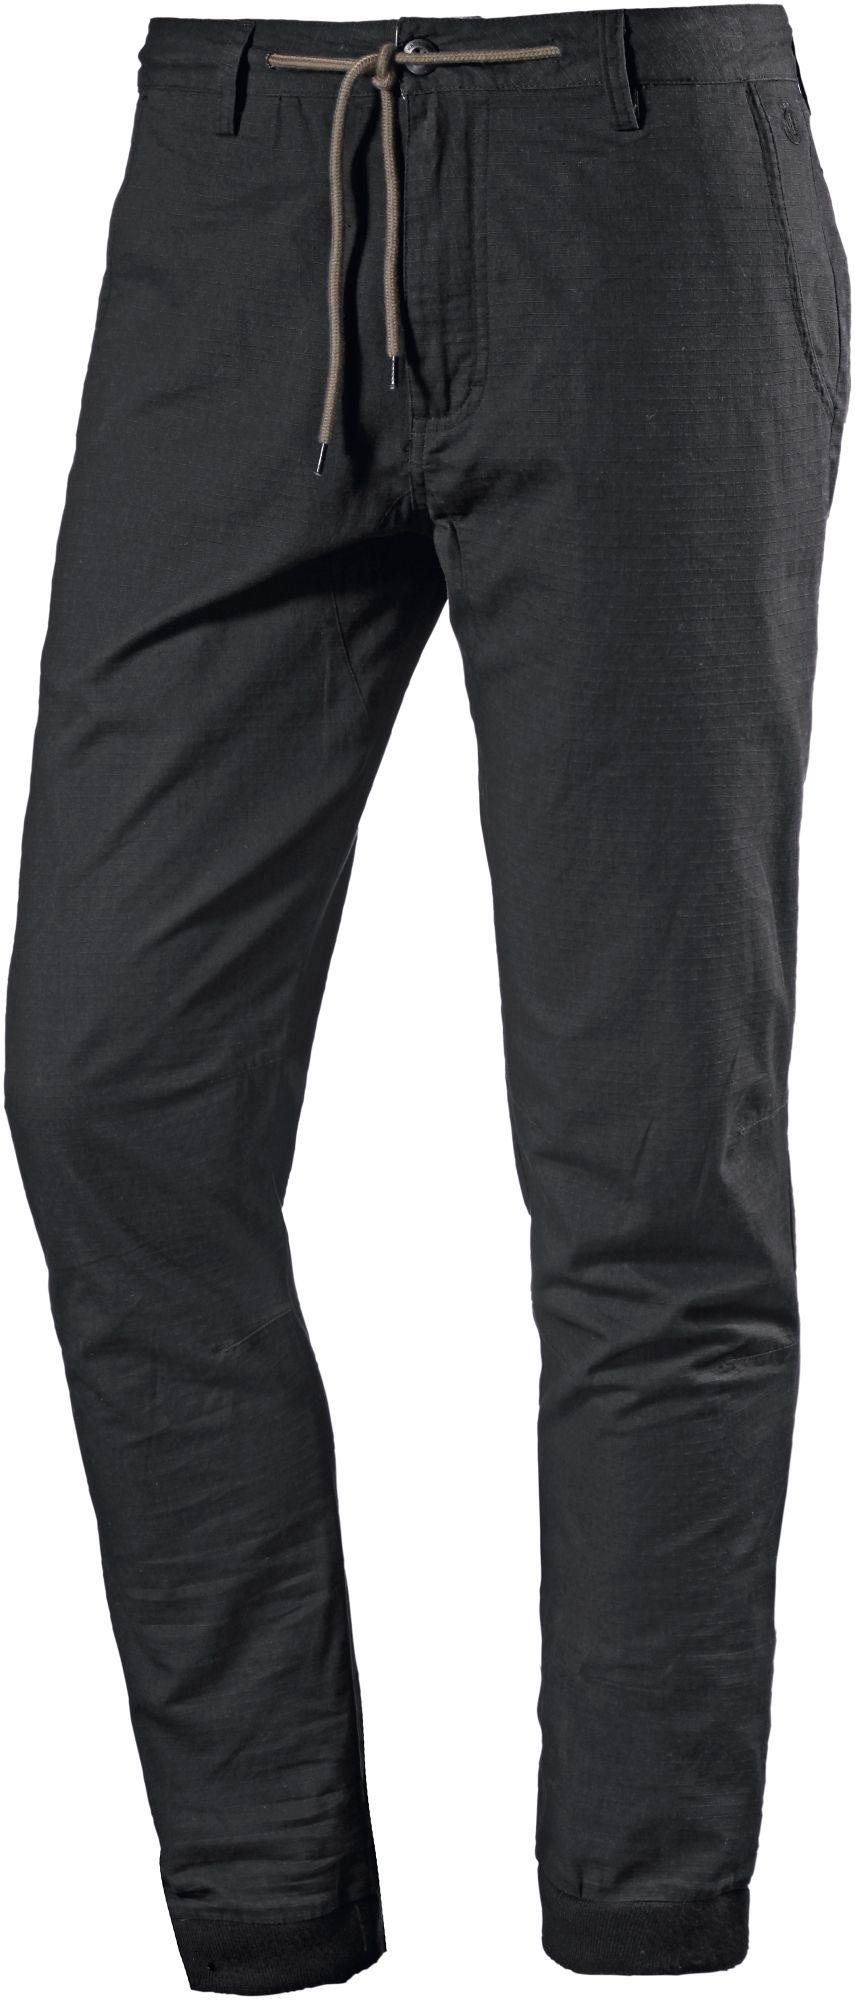 Cadet Hose Herren in schwarz, Größe 34